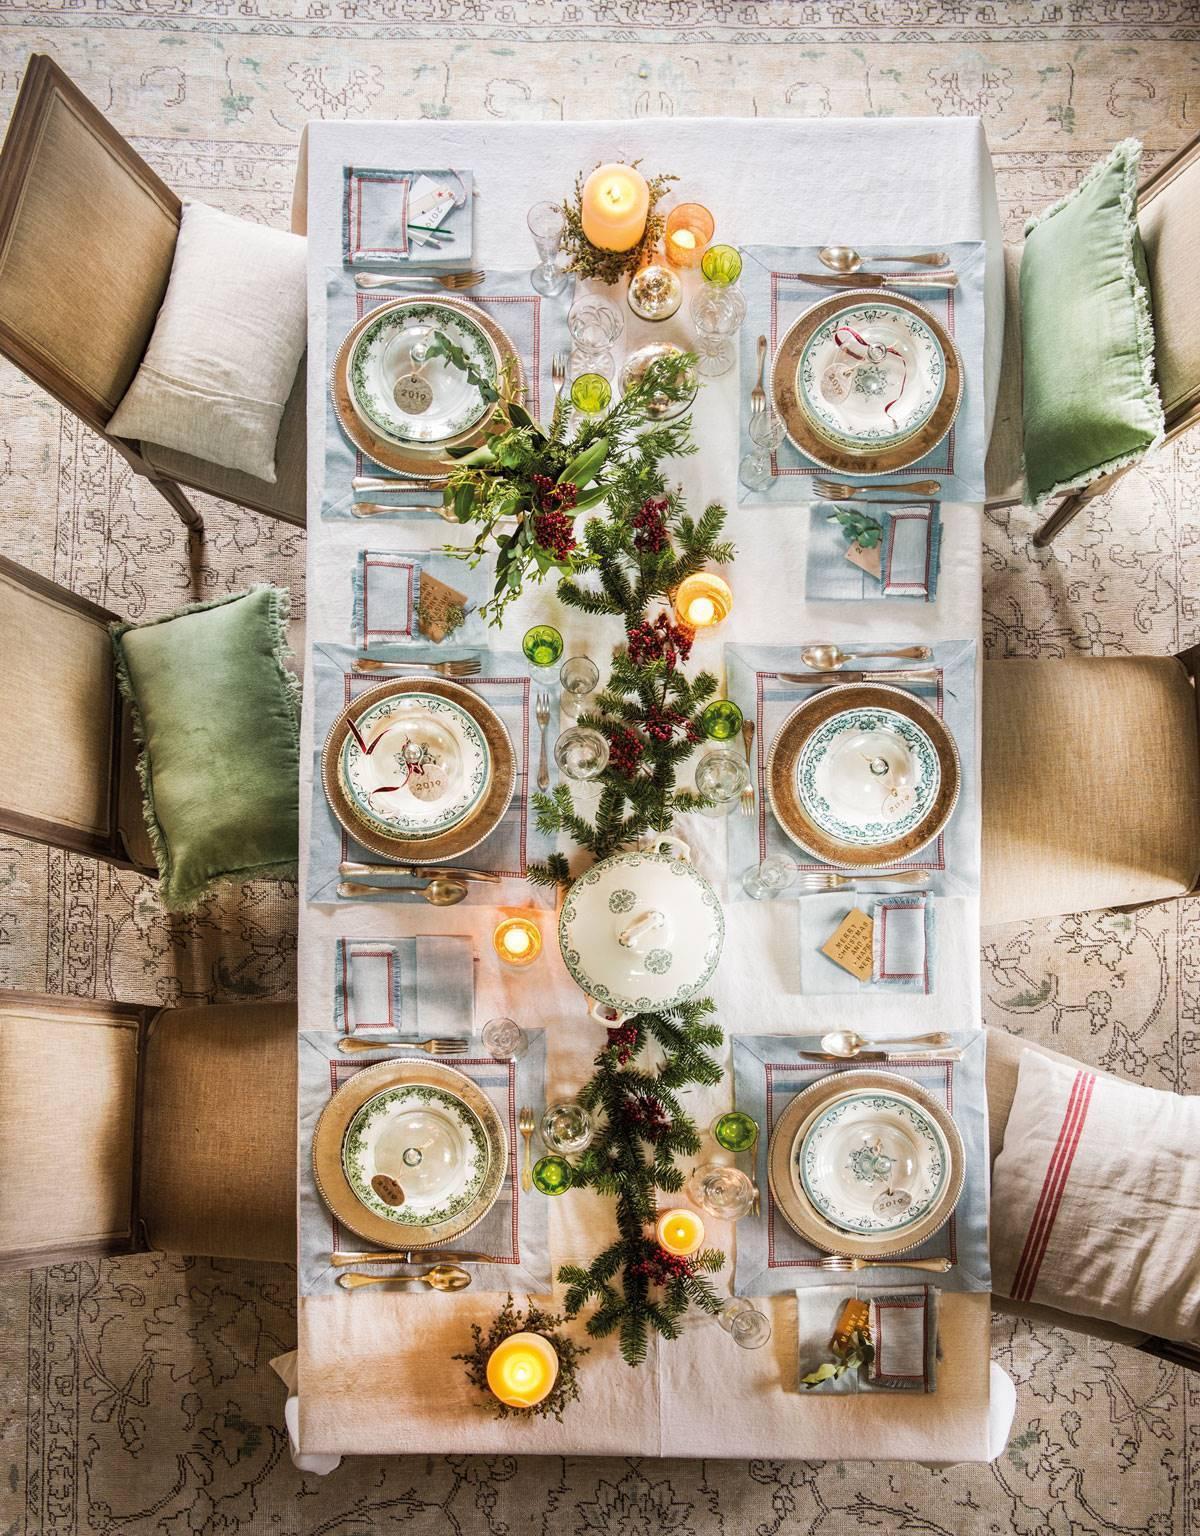 Fenyőágakkal díszített étkezőasztal és mázas kerámia étkészlet